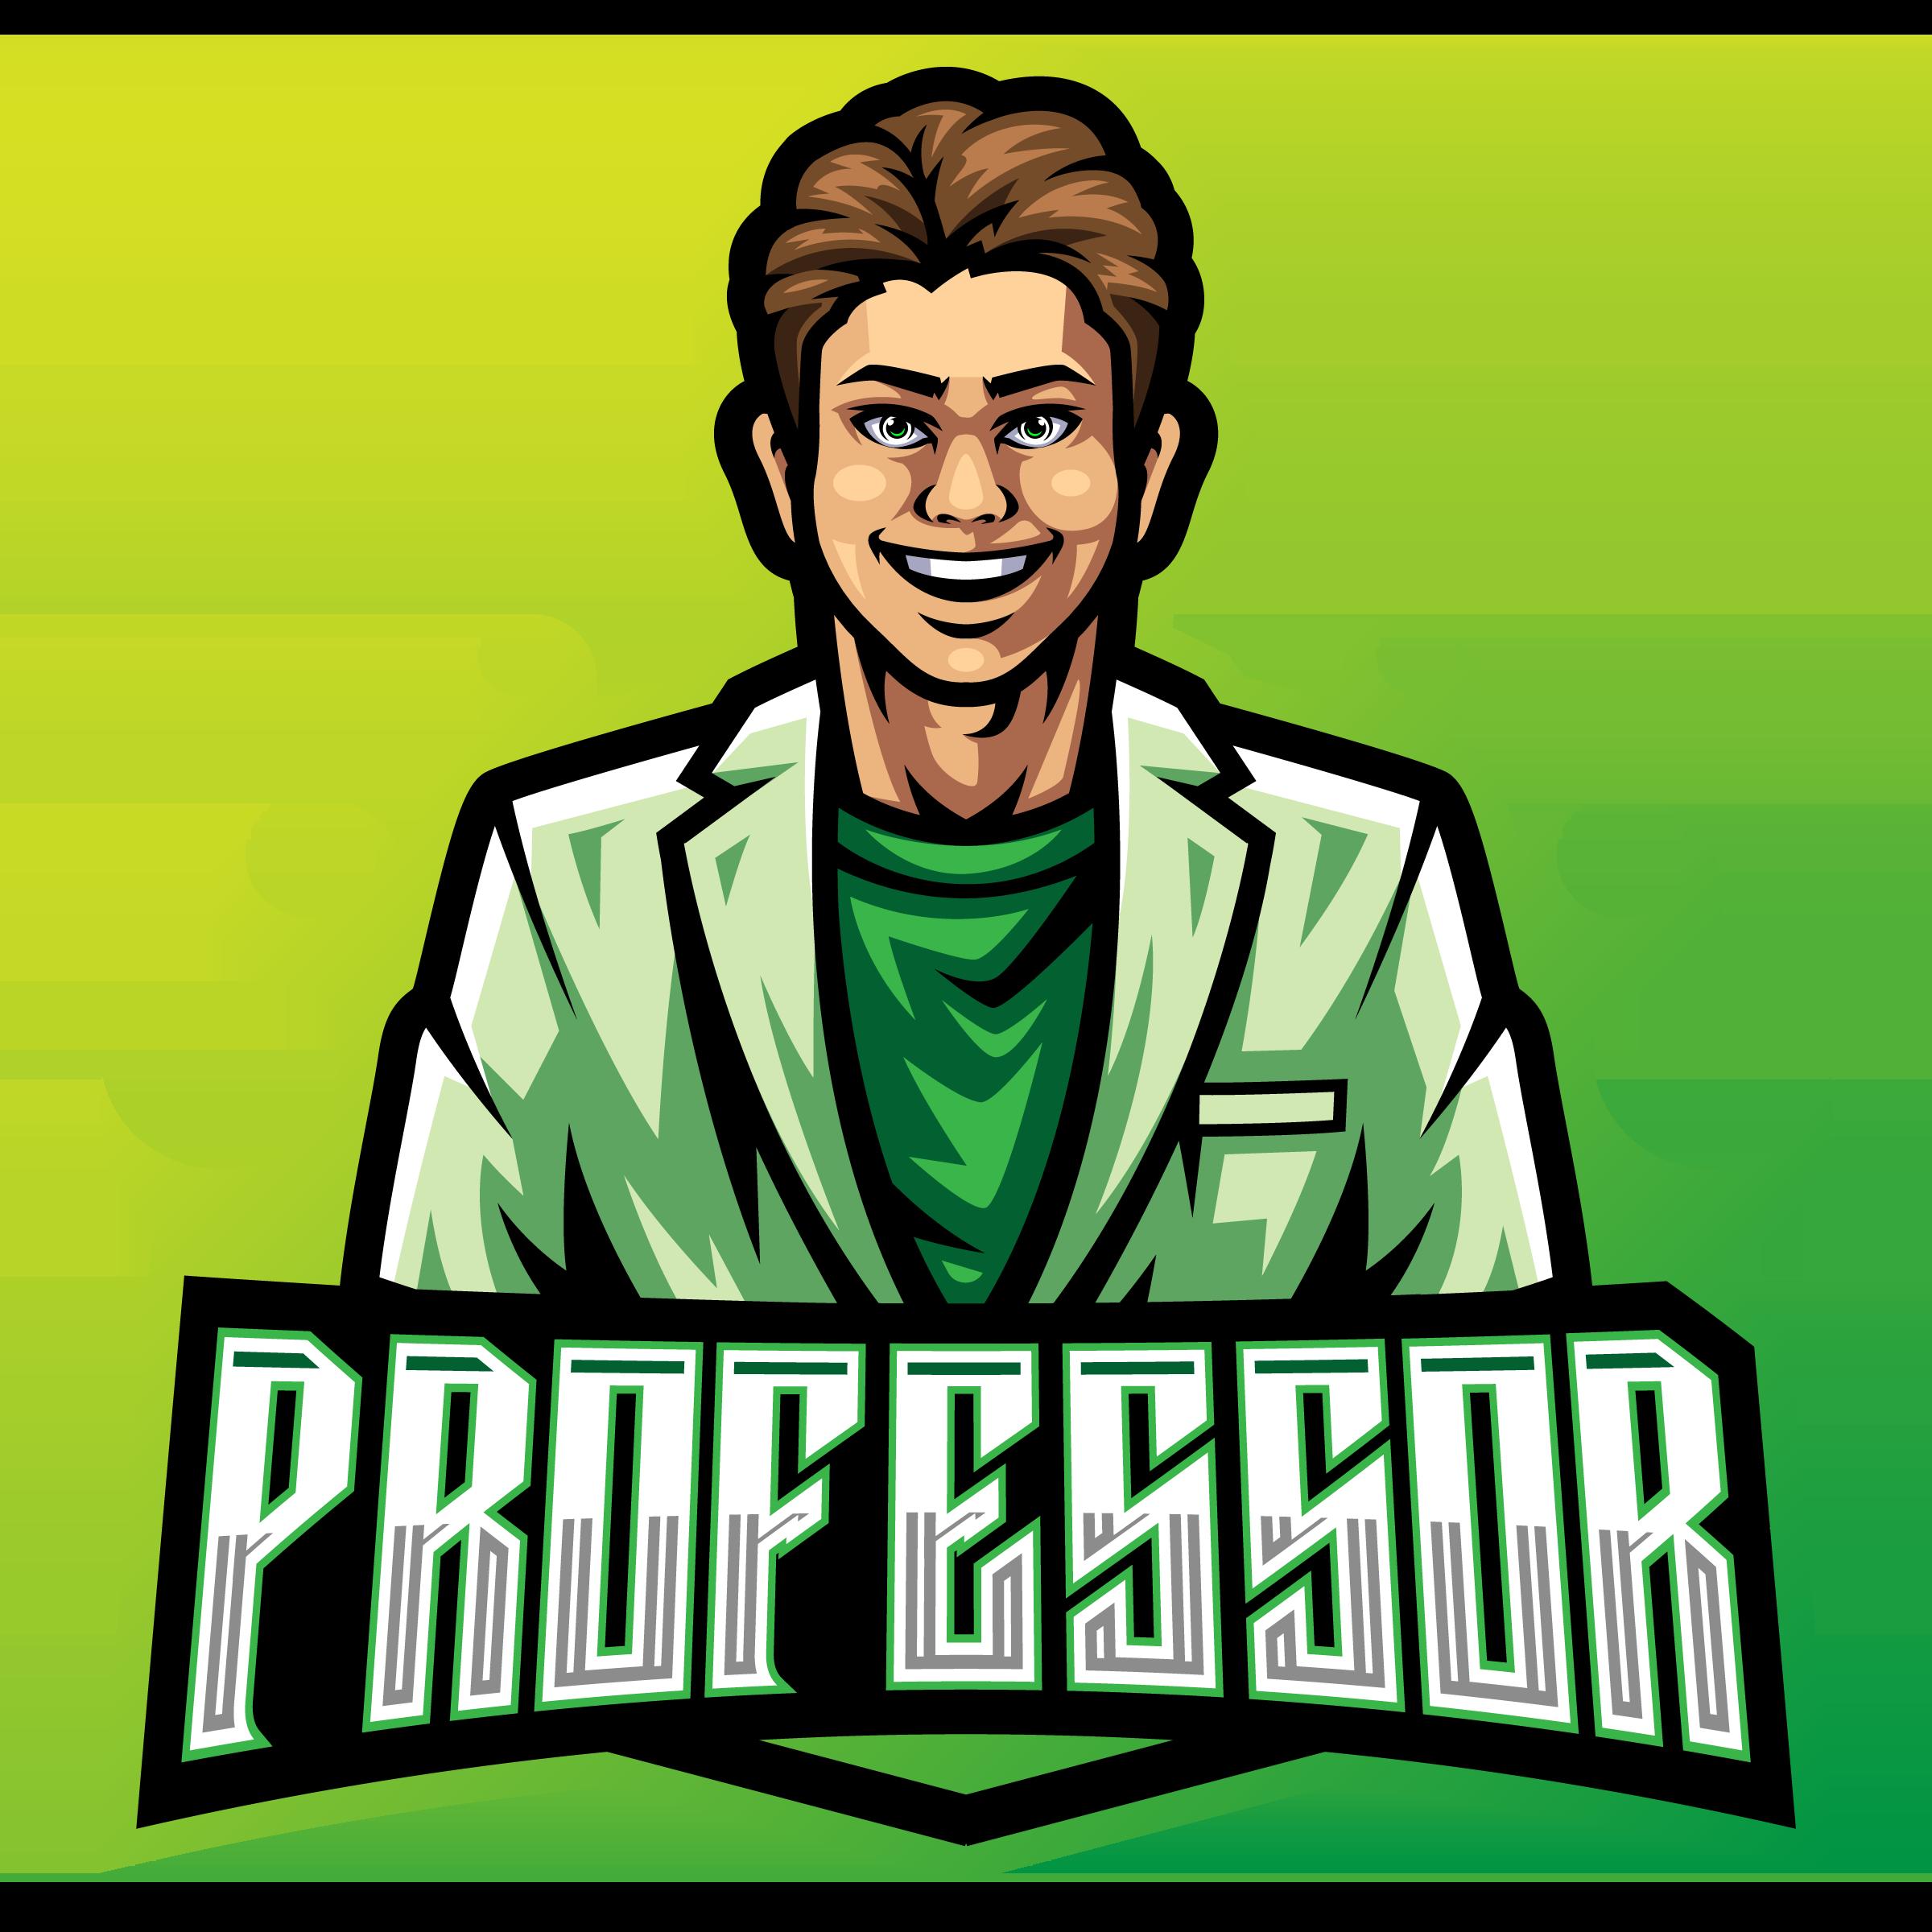 El-Professor-Mascot-Logo-Template-PNG-Transparent